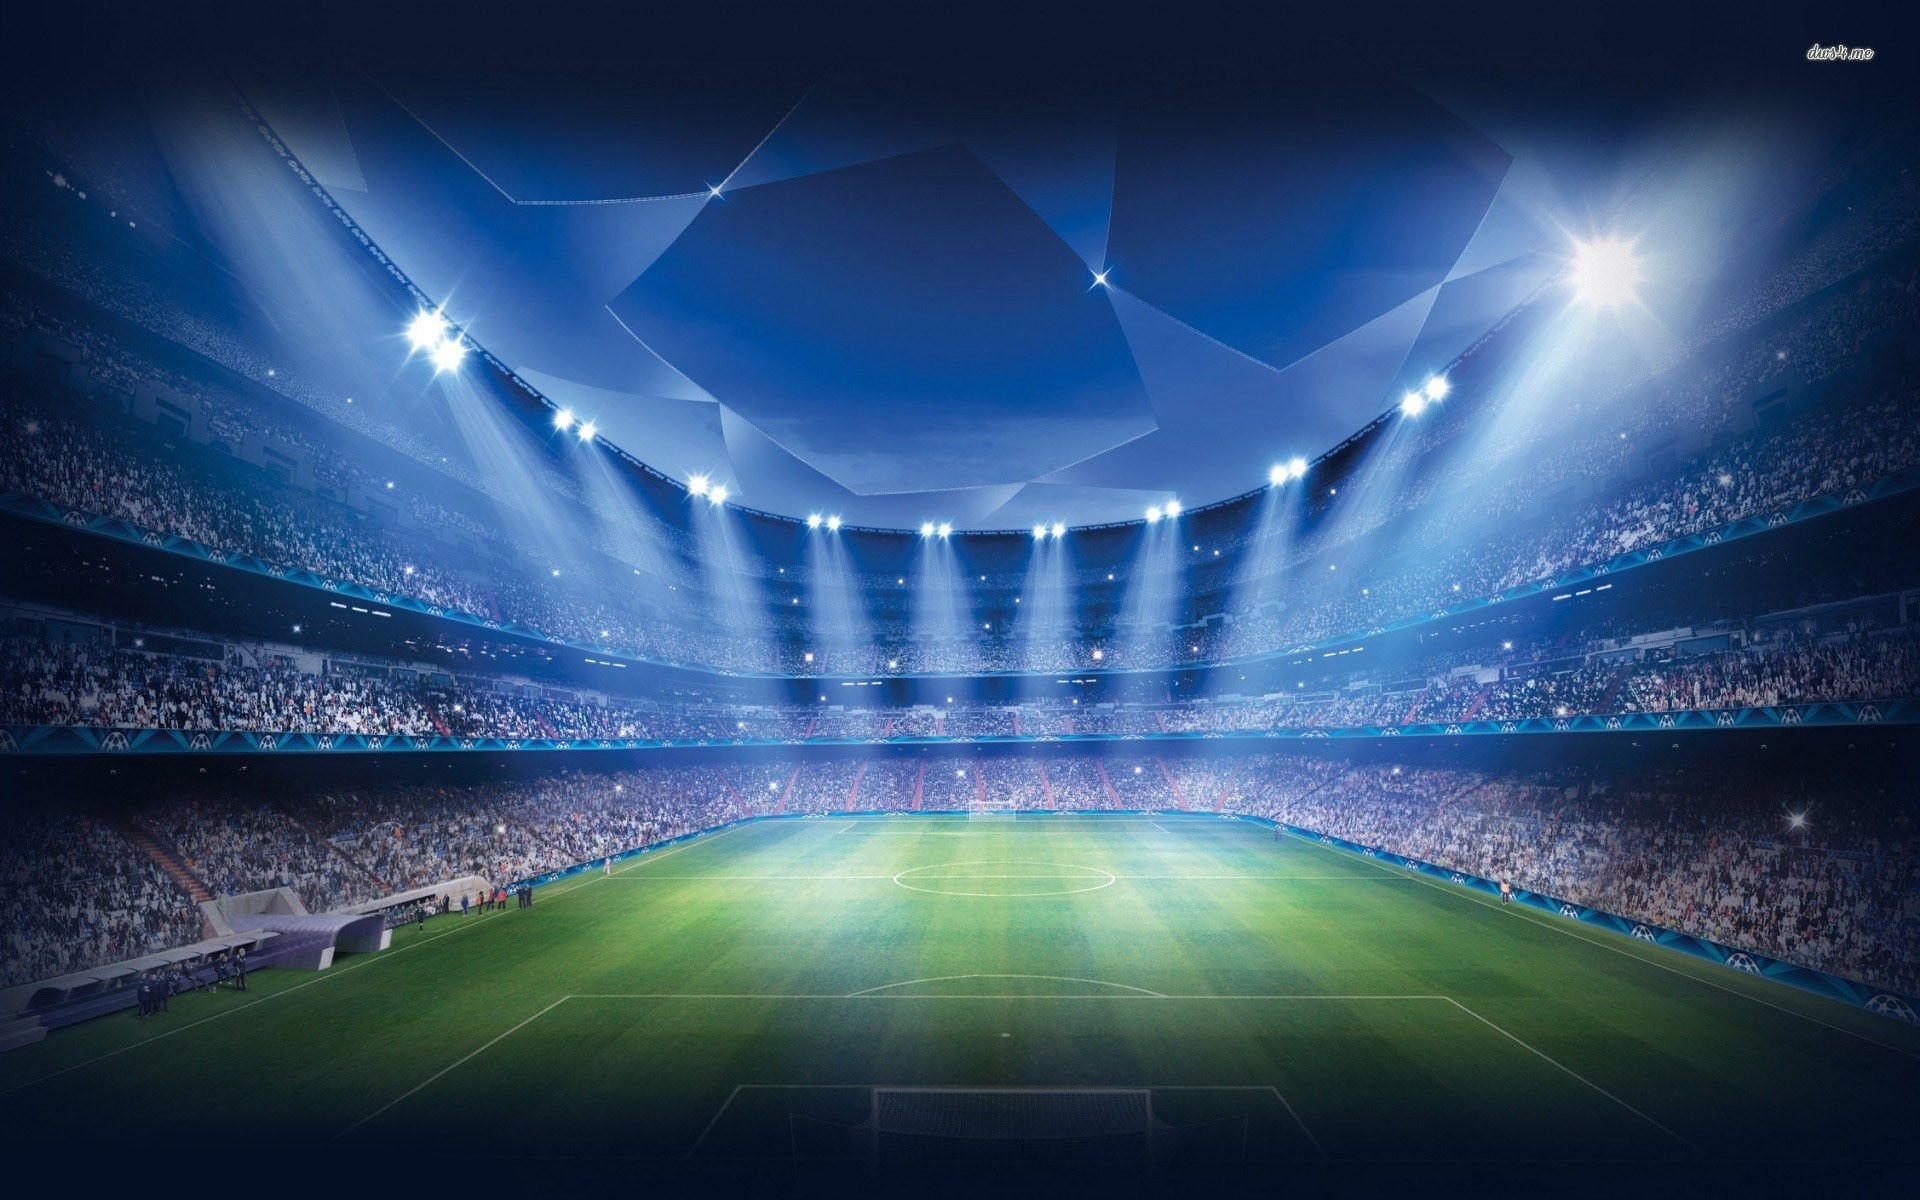 Soccer Stadium Wallpaper For Windows #kxT